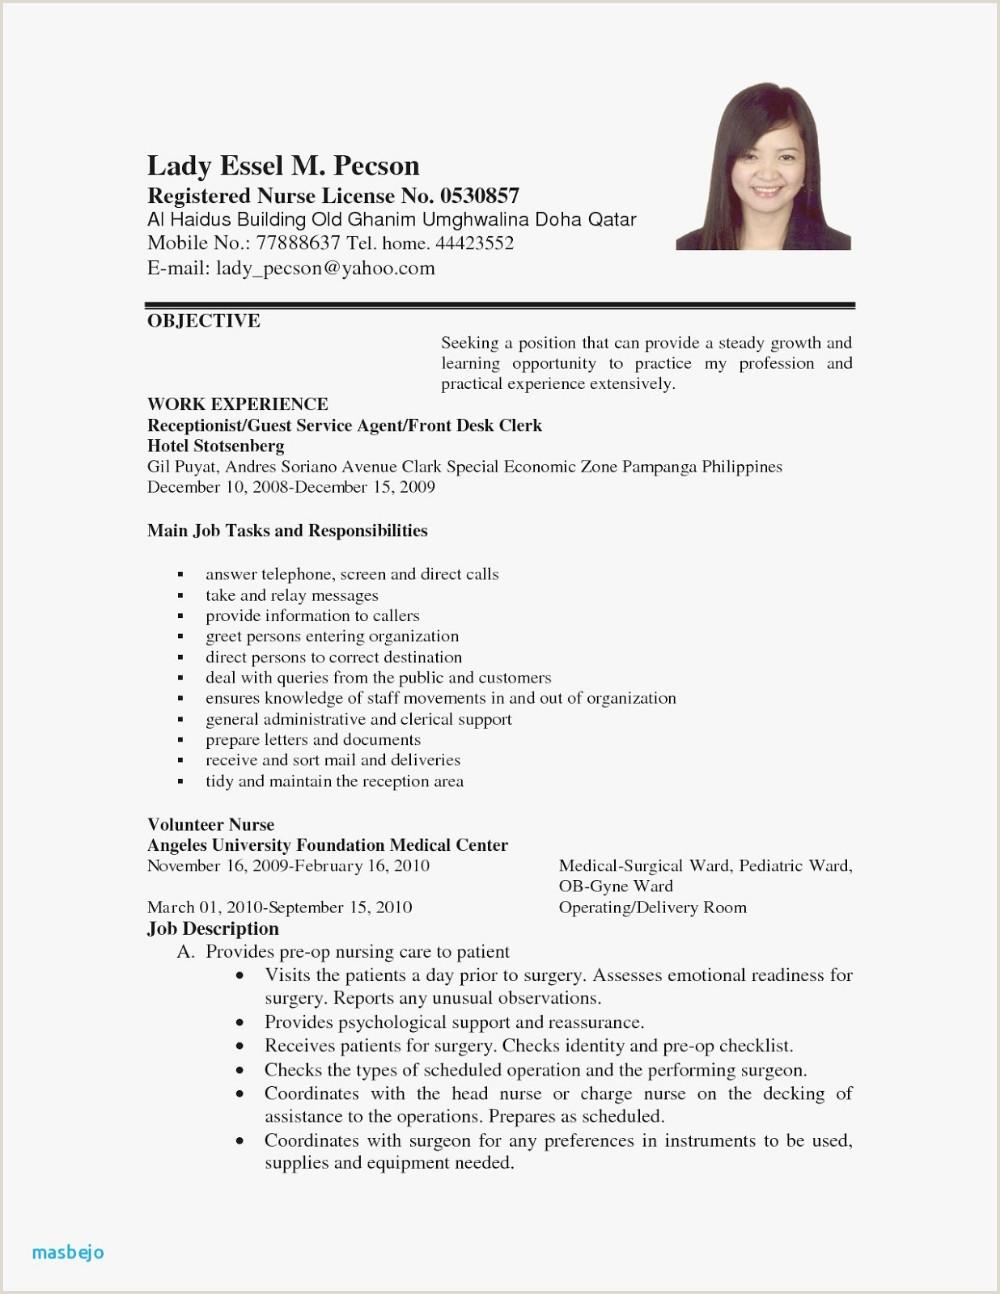 Cv Format For Hotel Job Waiter Waiter Resume Sample 2019 Pdf Resume Examples Waiter 2020